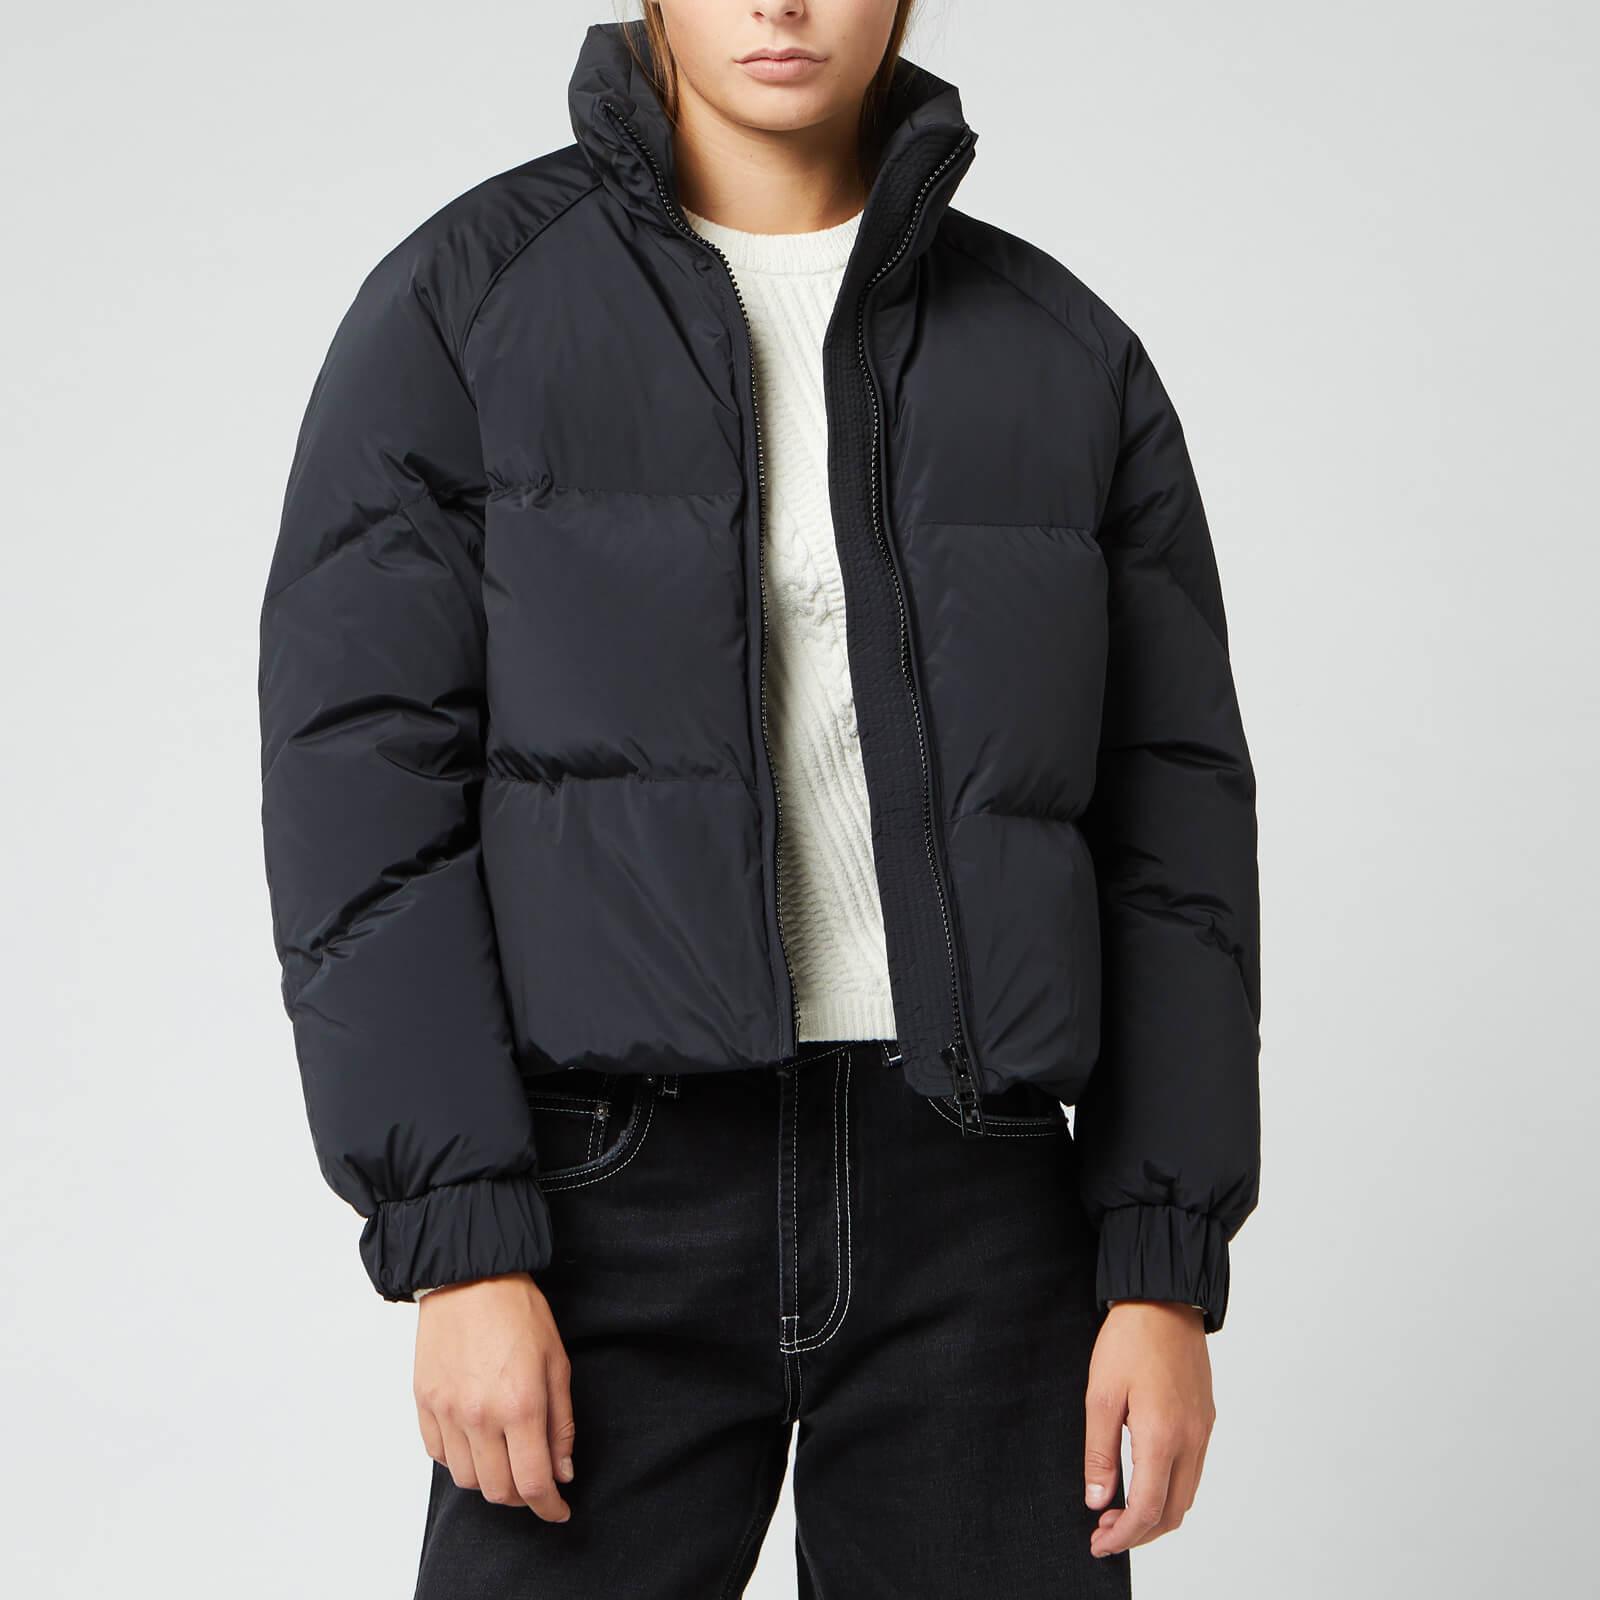 Woolrich Women's Aurora Puffy Jacket - Black - S